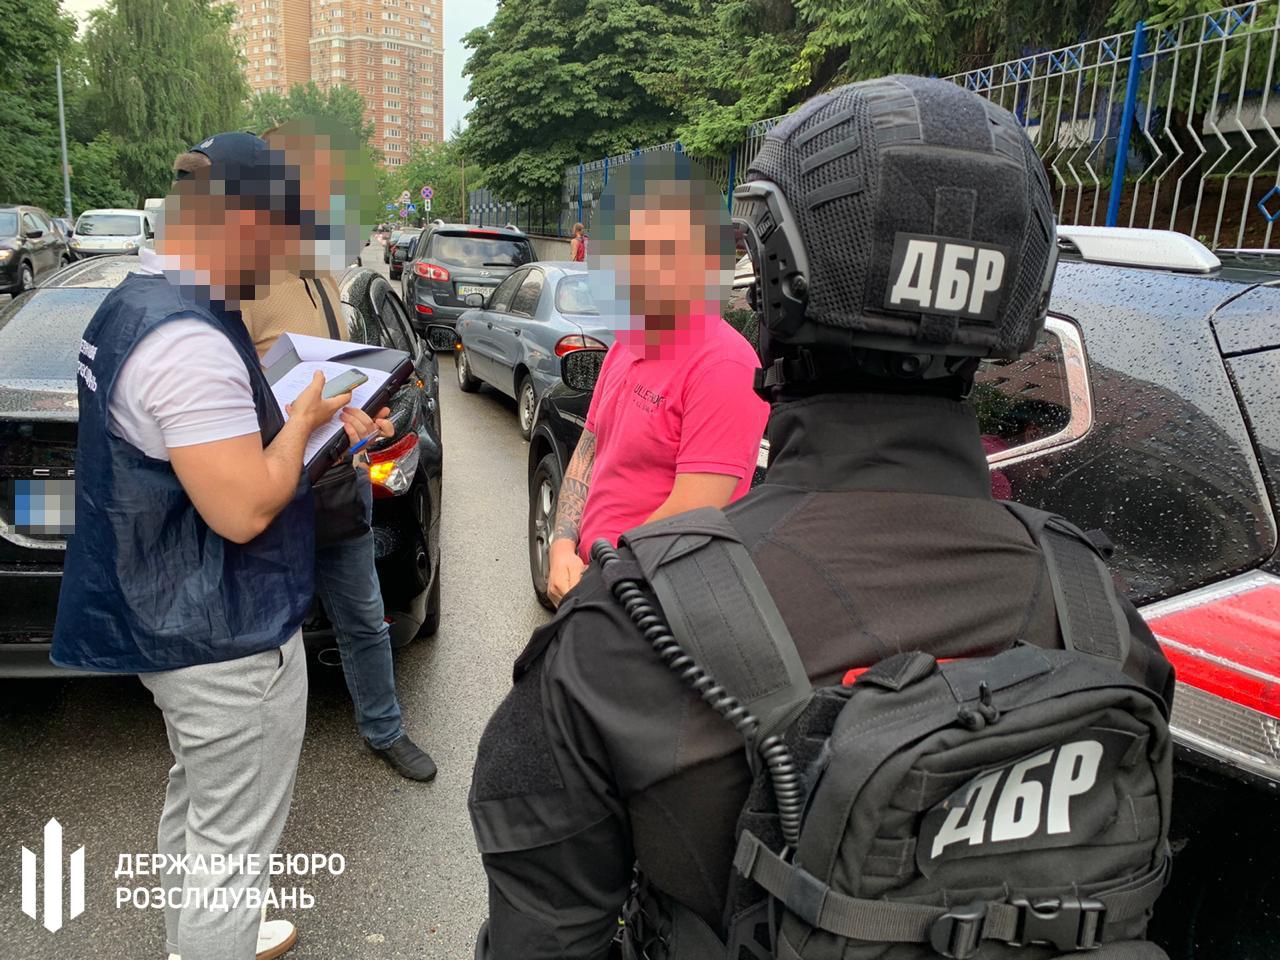 У Києві слідчий поліції погорів на хабарі - Поліція, ДБР - WhatsApp Image 2020 07 07 at 18.45.18 0